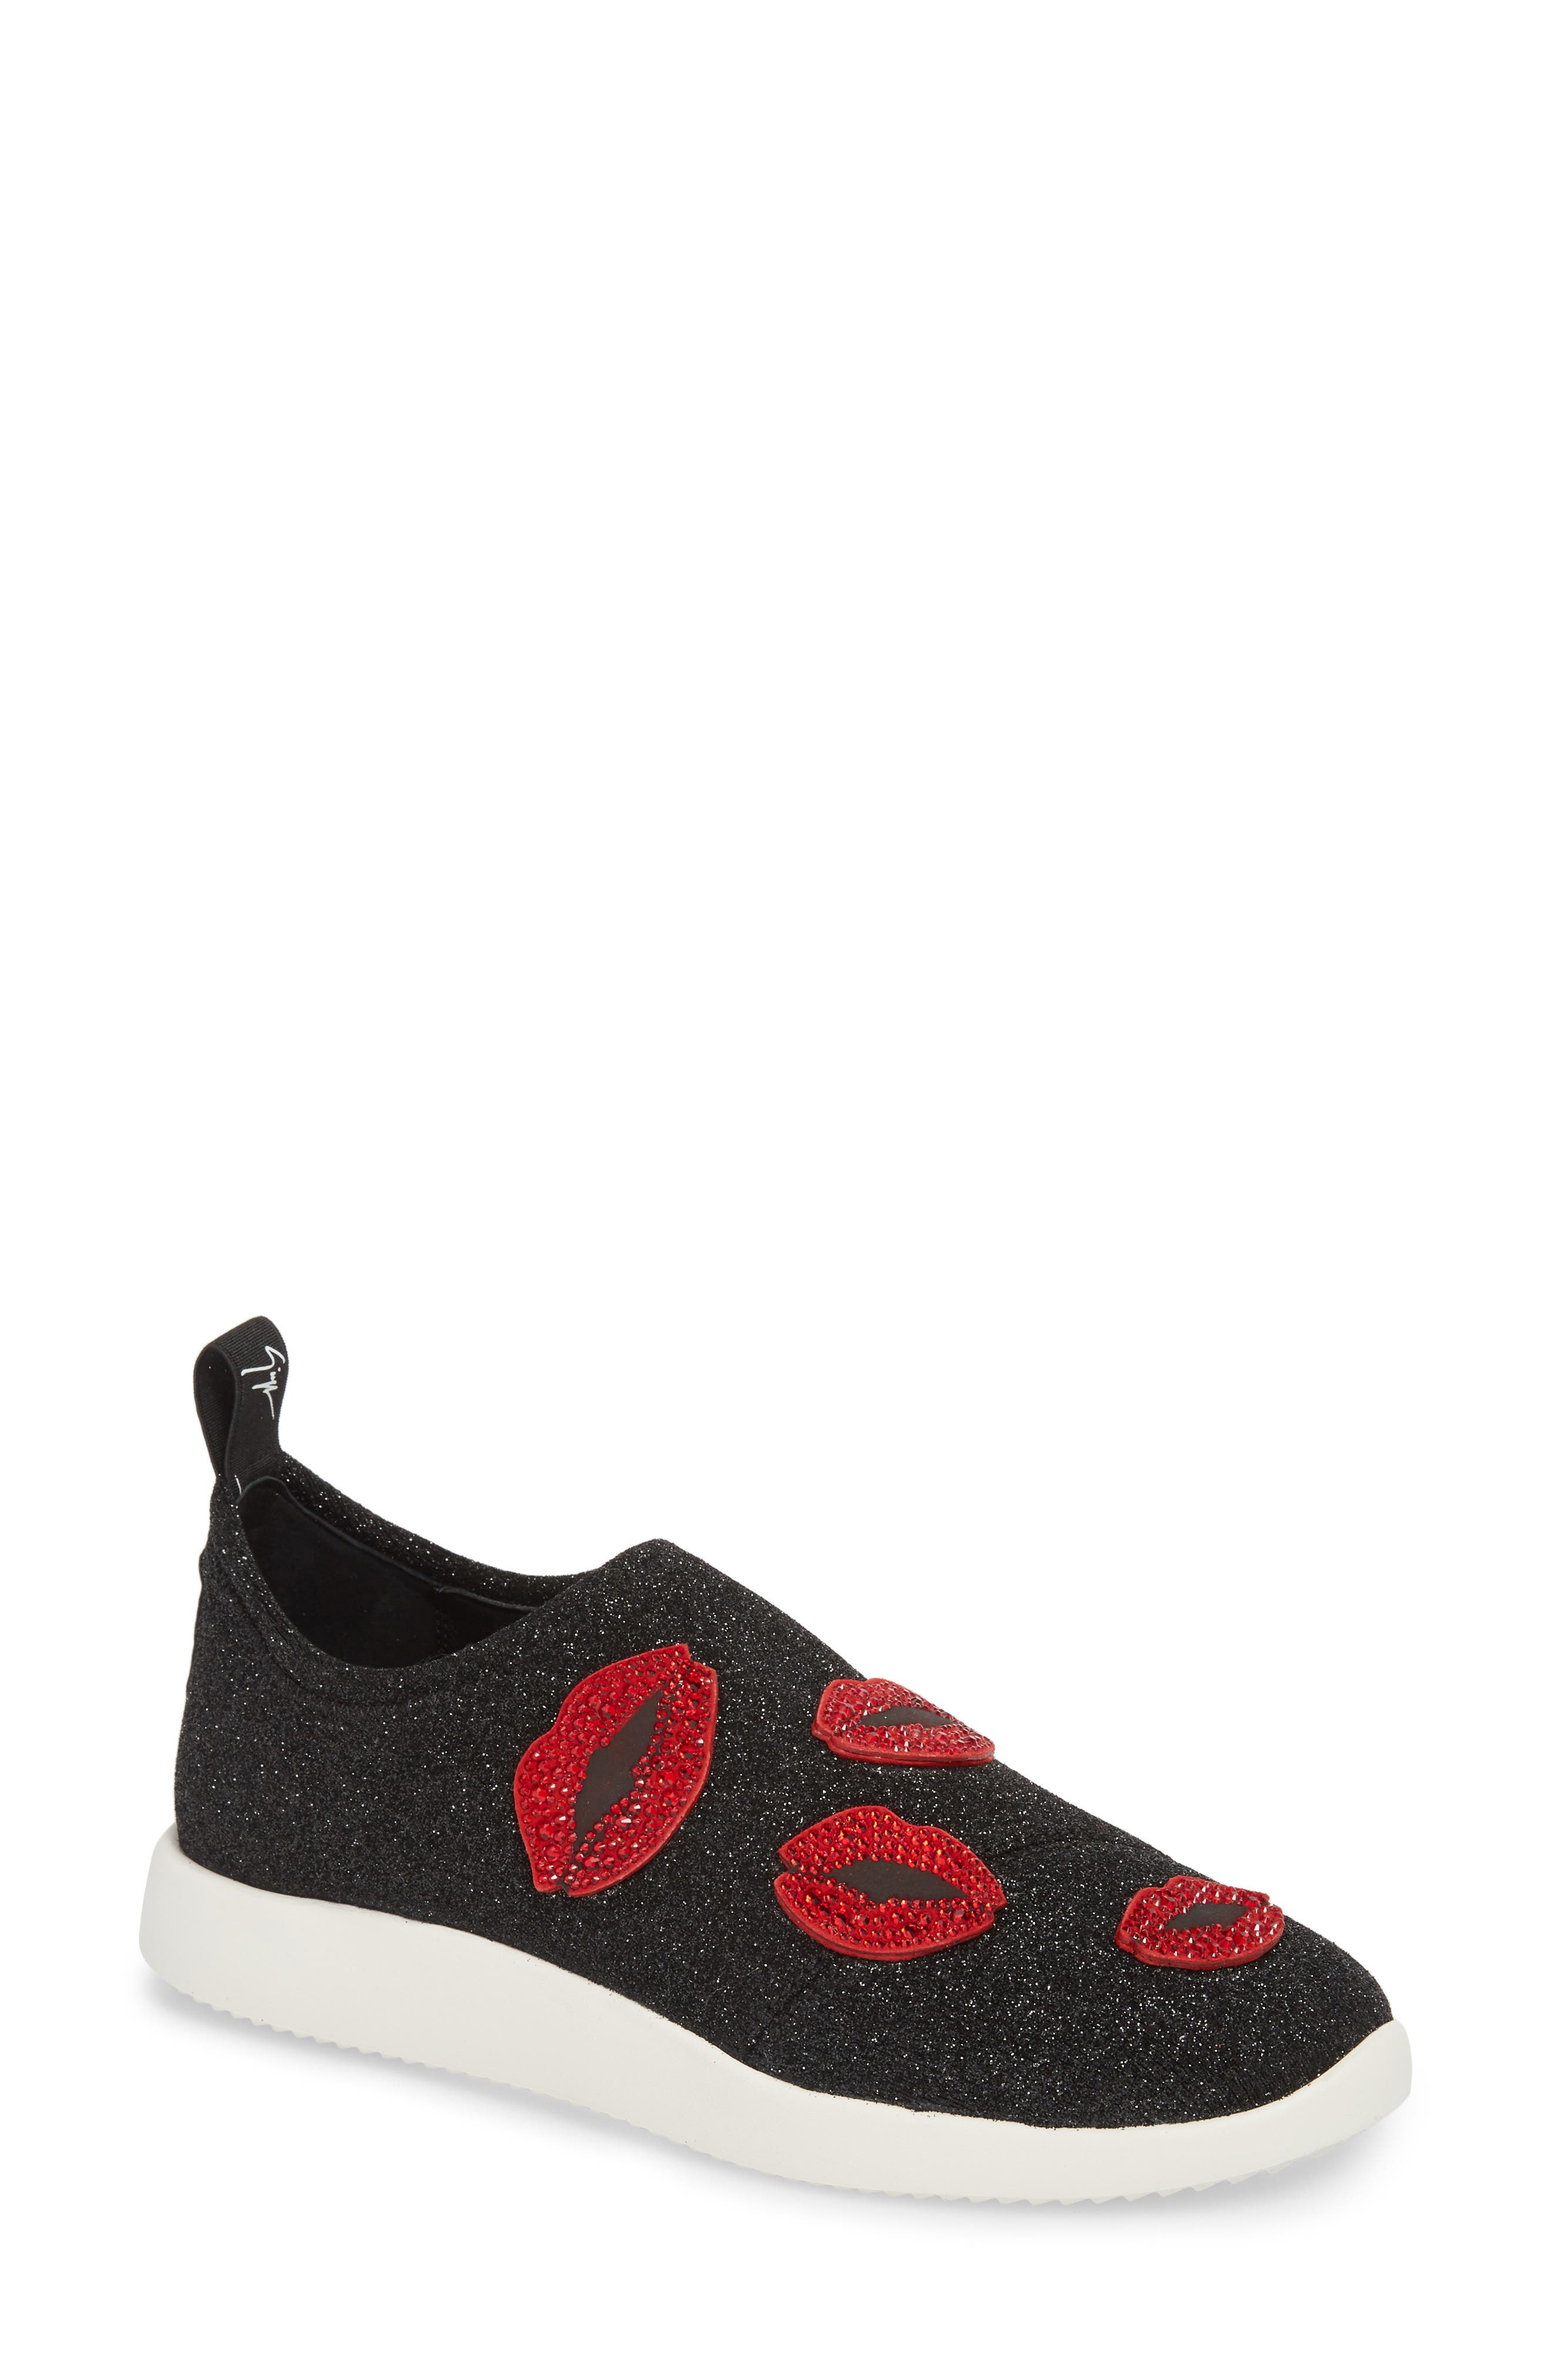 Giuseppe Zanotti Lips Slip-On Sneaker (Women)